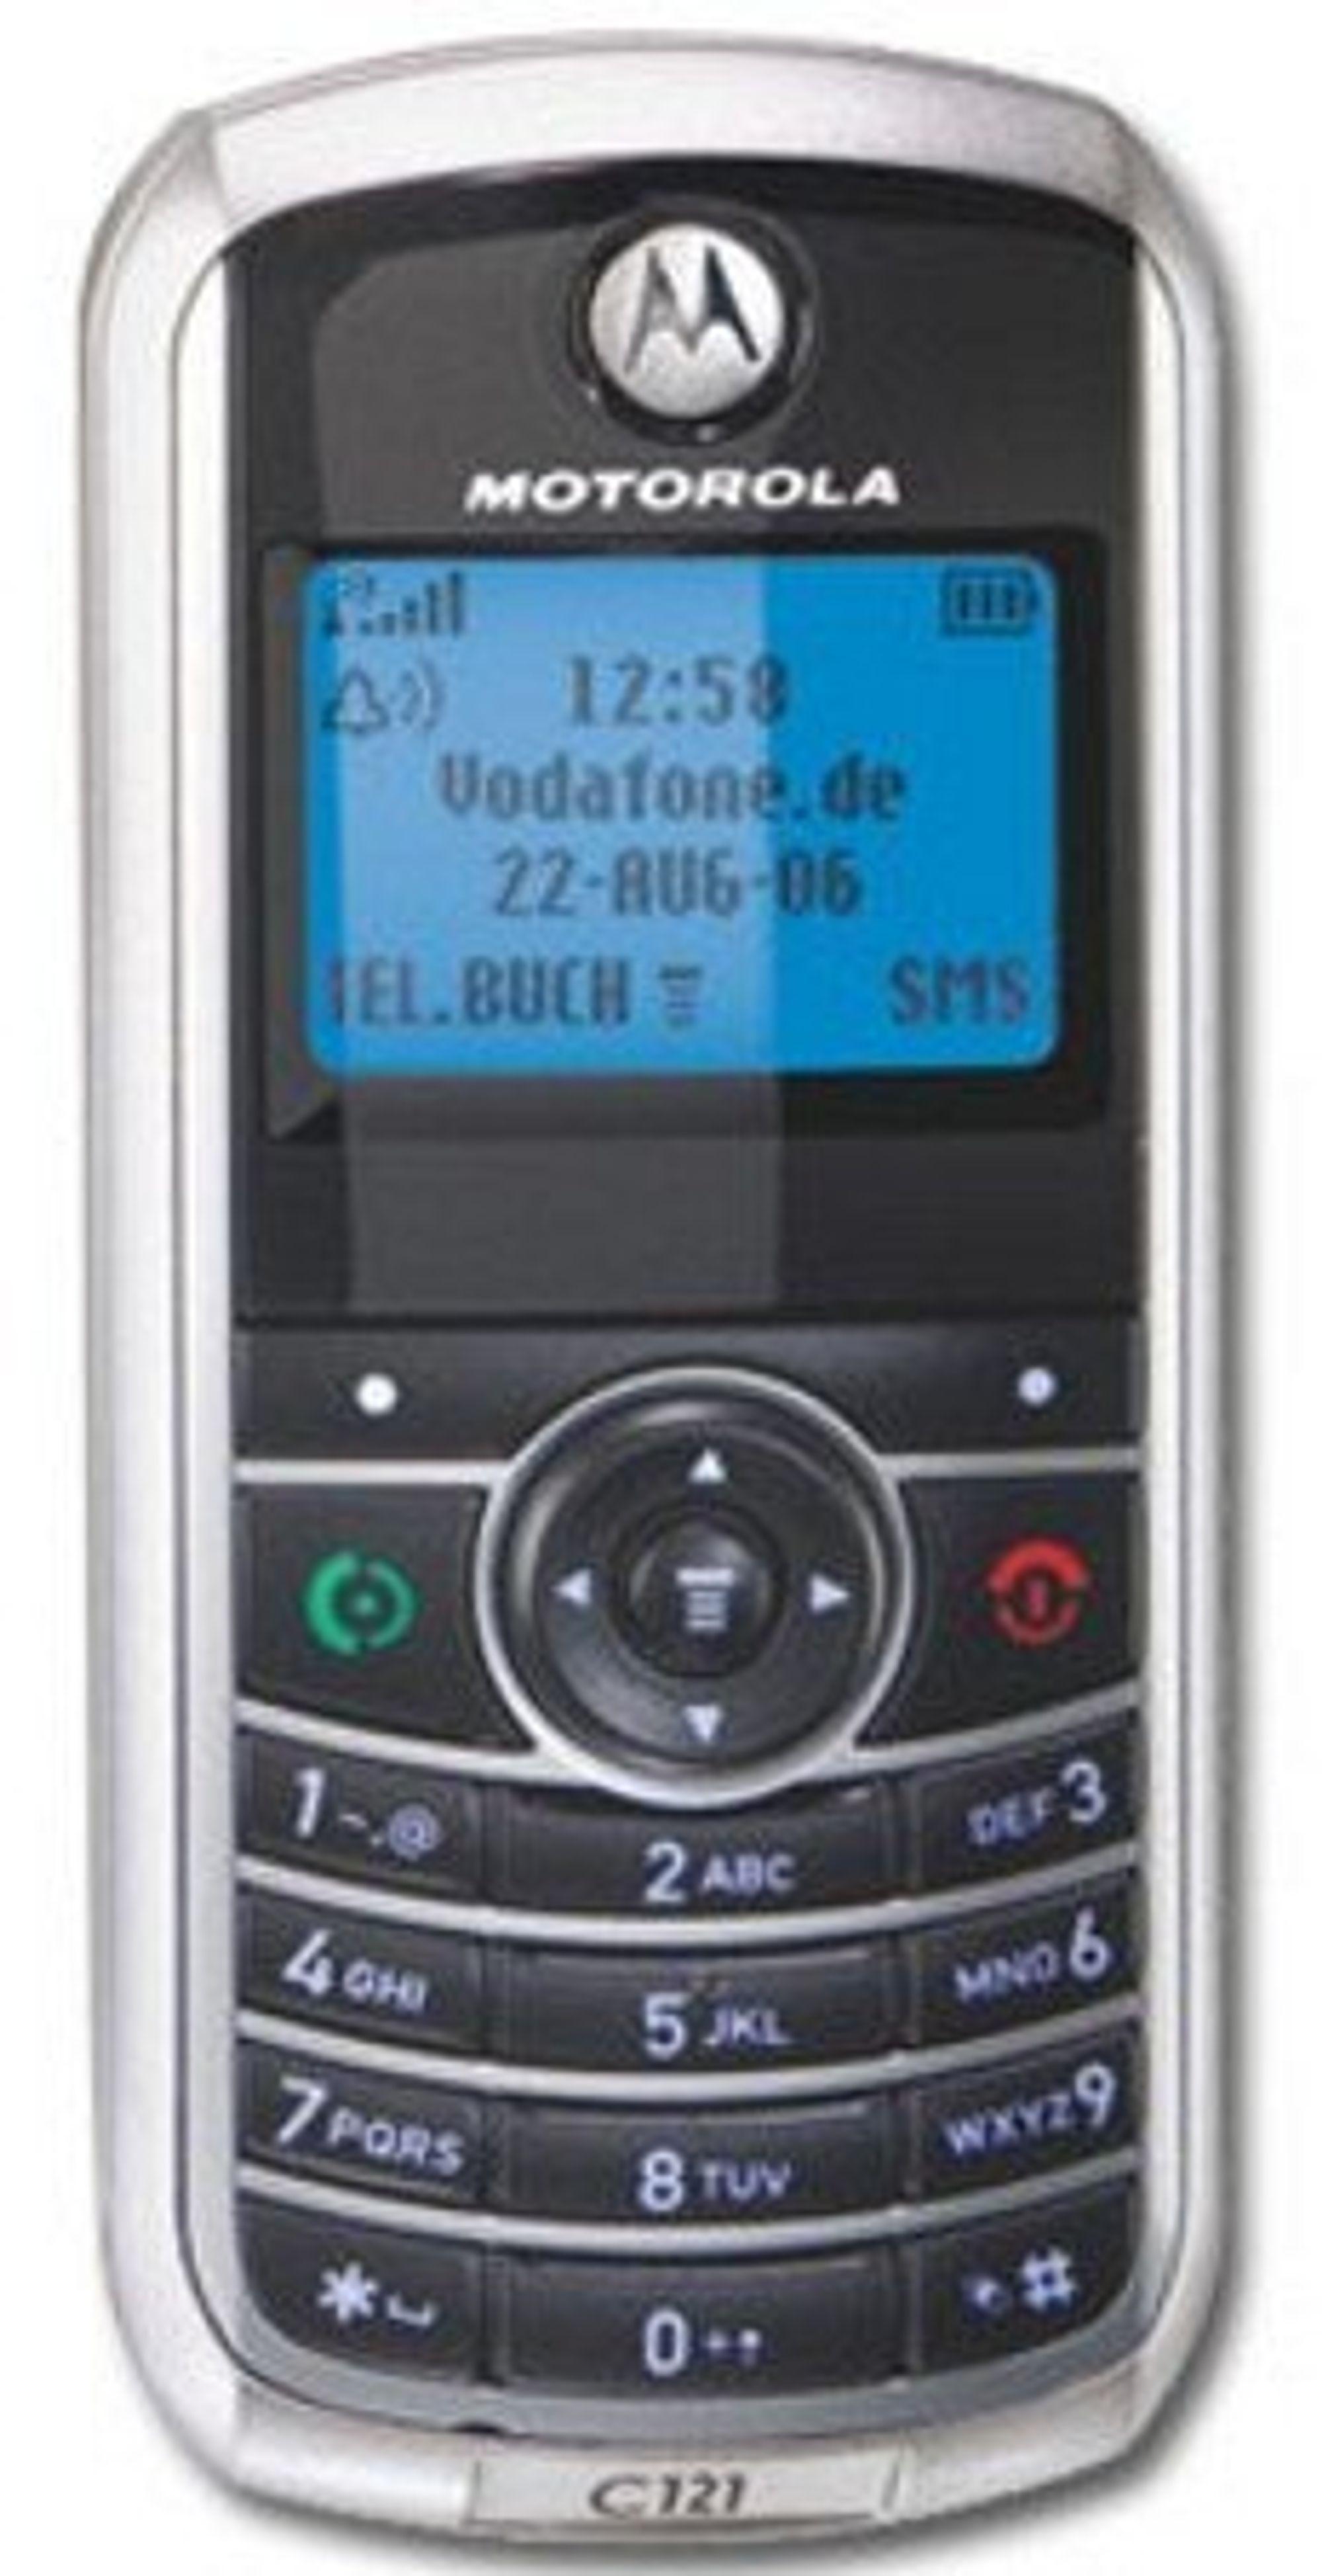 Motorola C121 er blant mobilene som støttes av programvaren som forskerne har brukt.